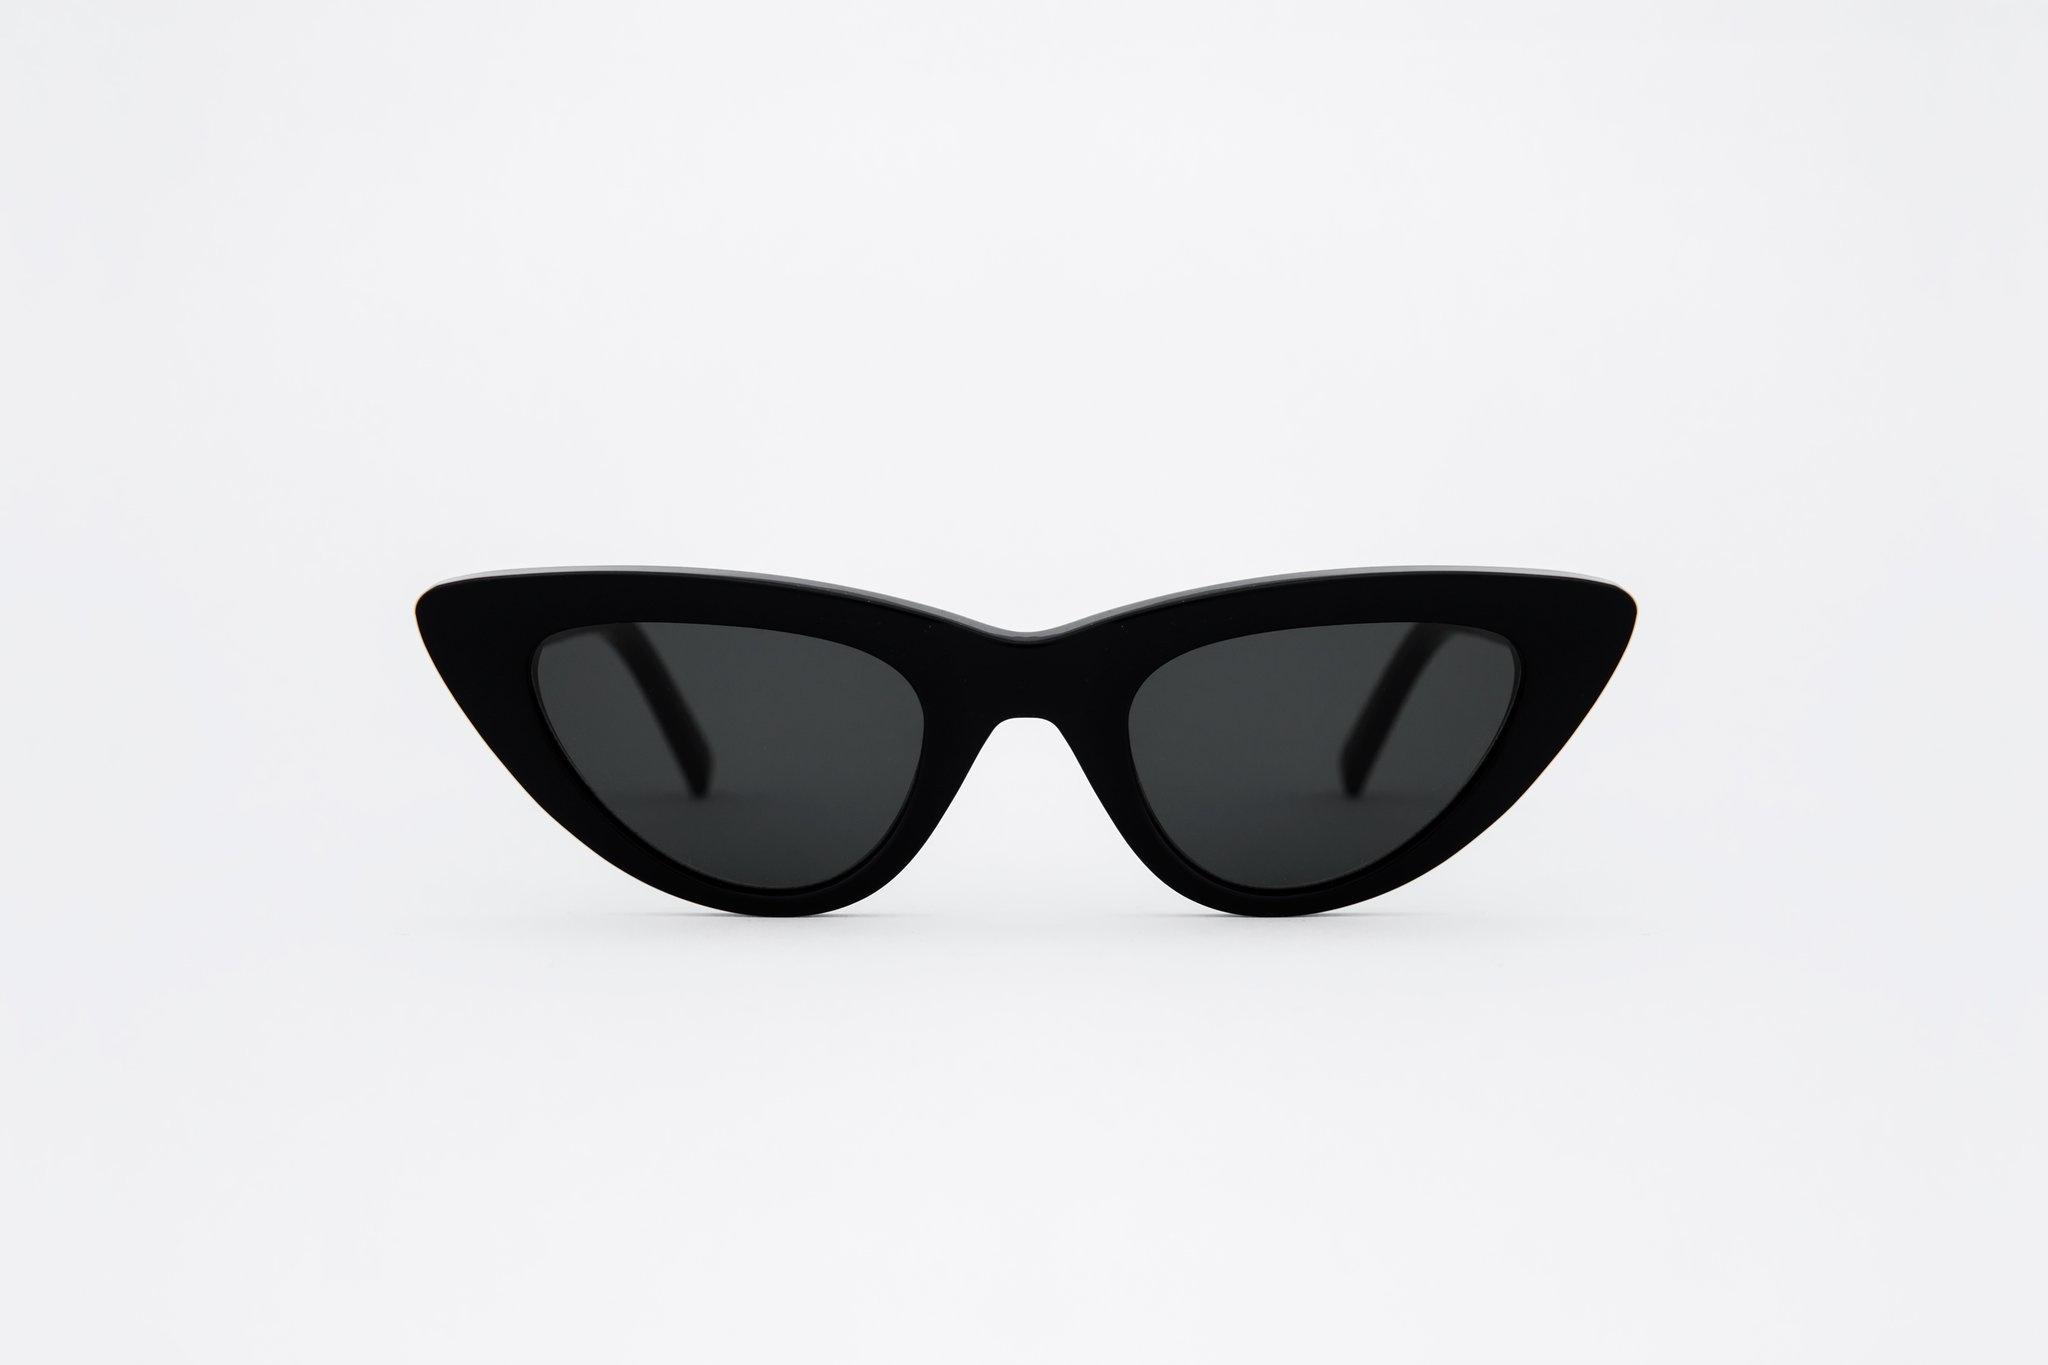 Moon Black Sunglasses-1